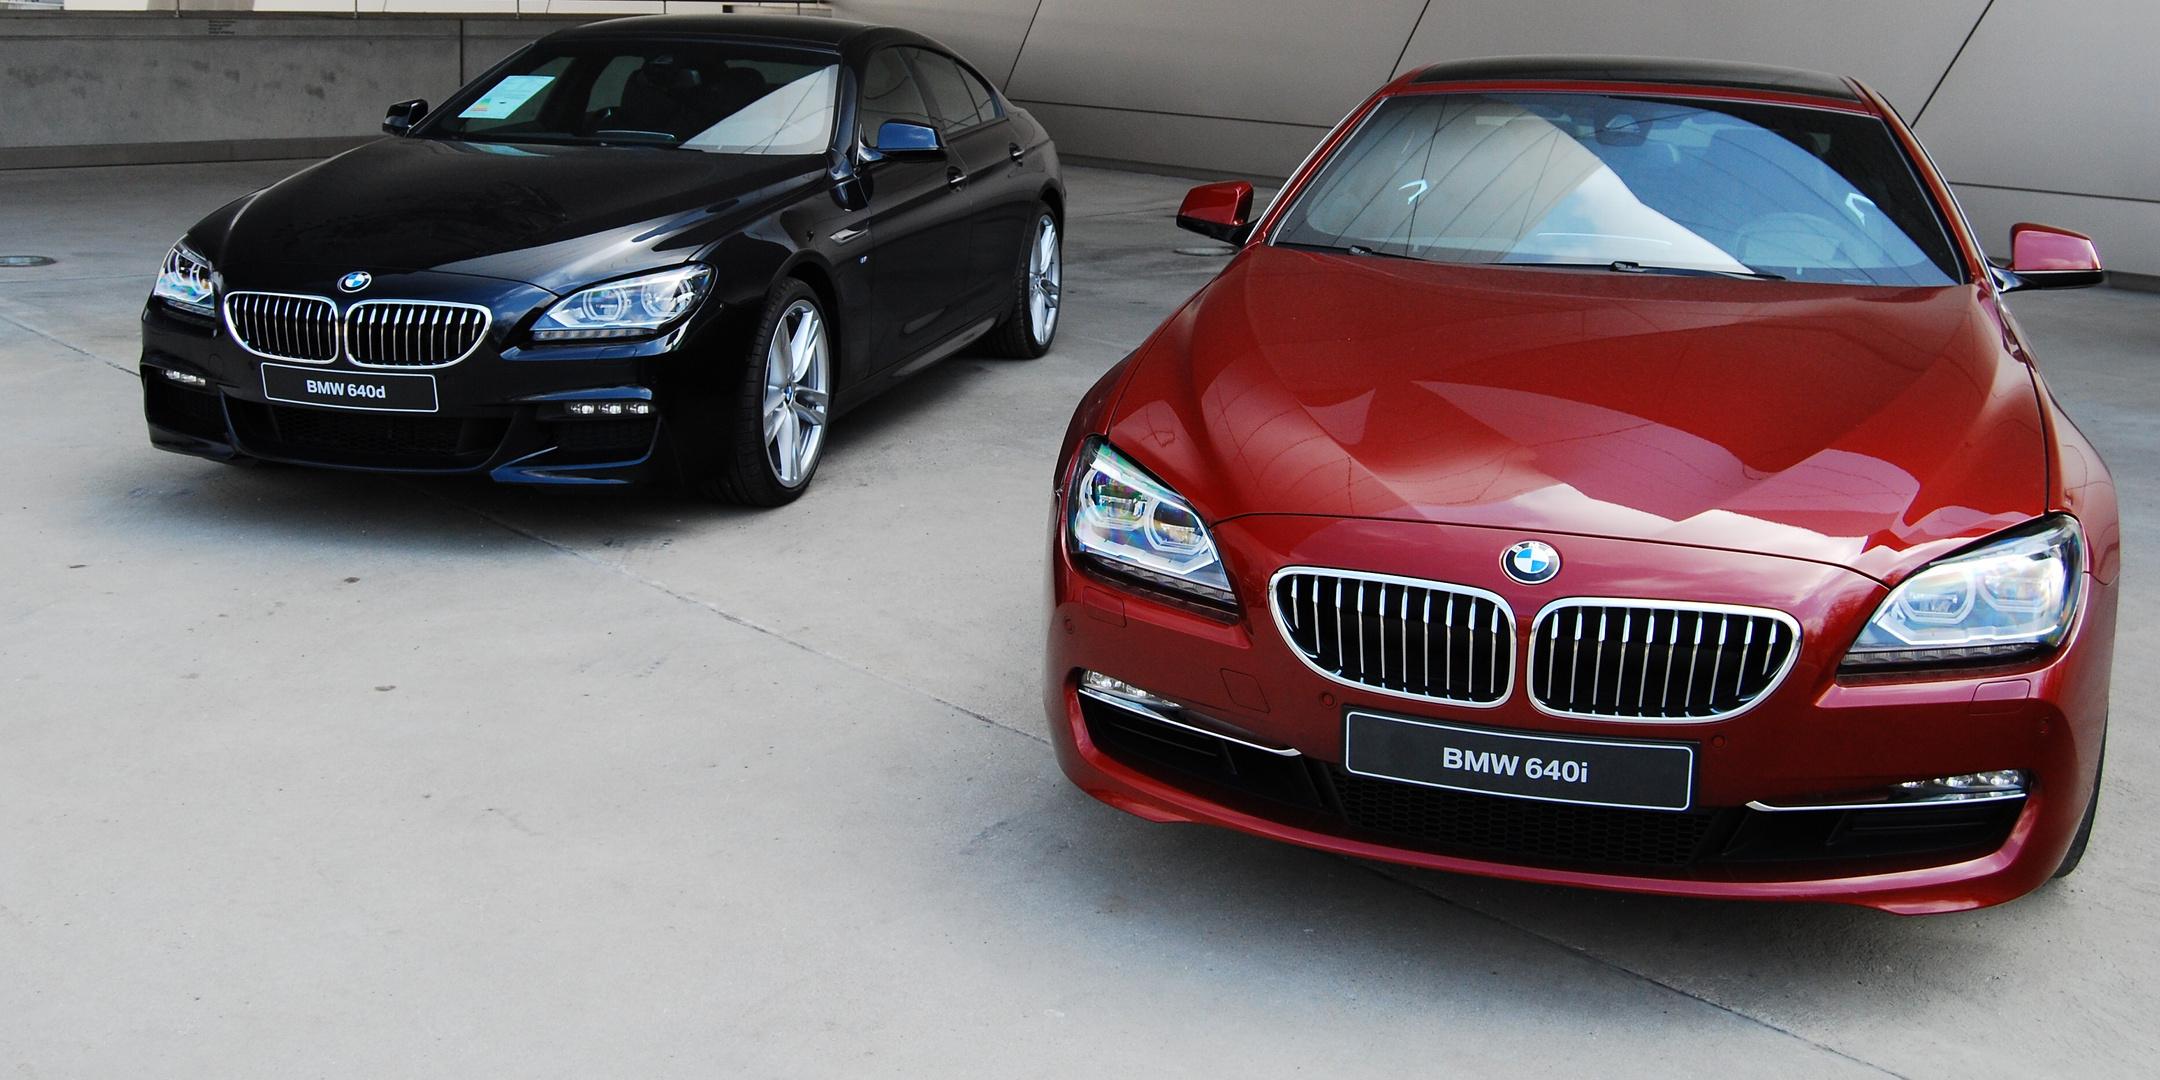 BMW - Parade